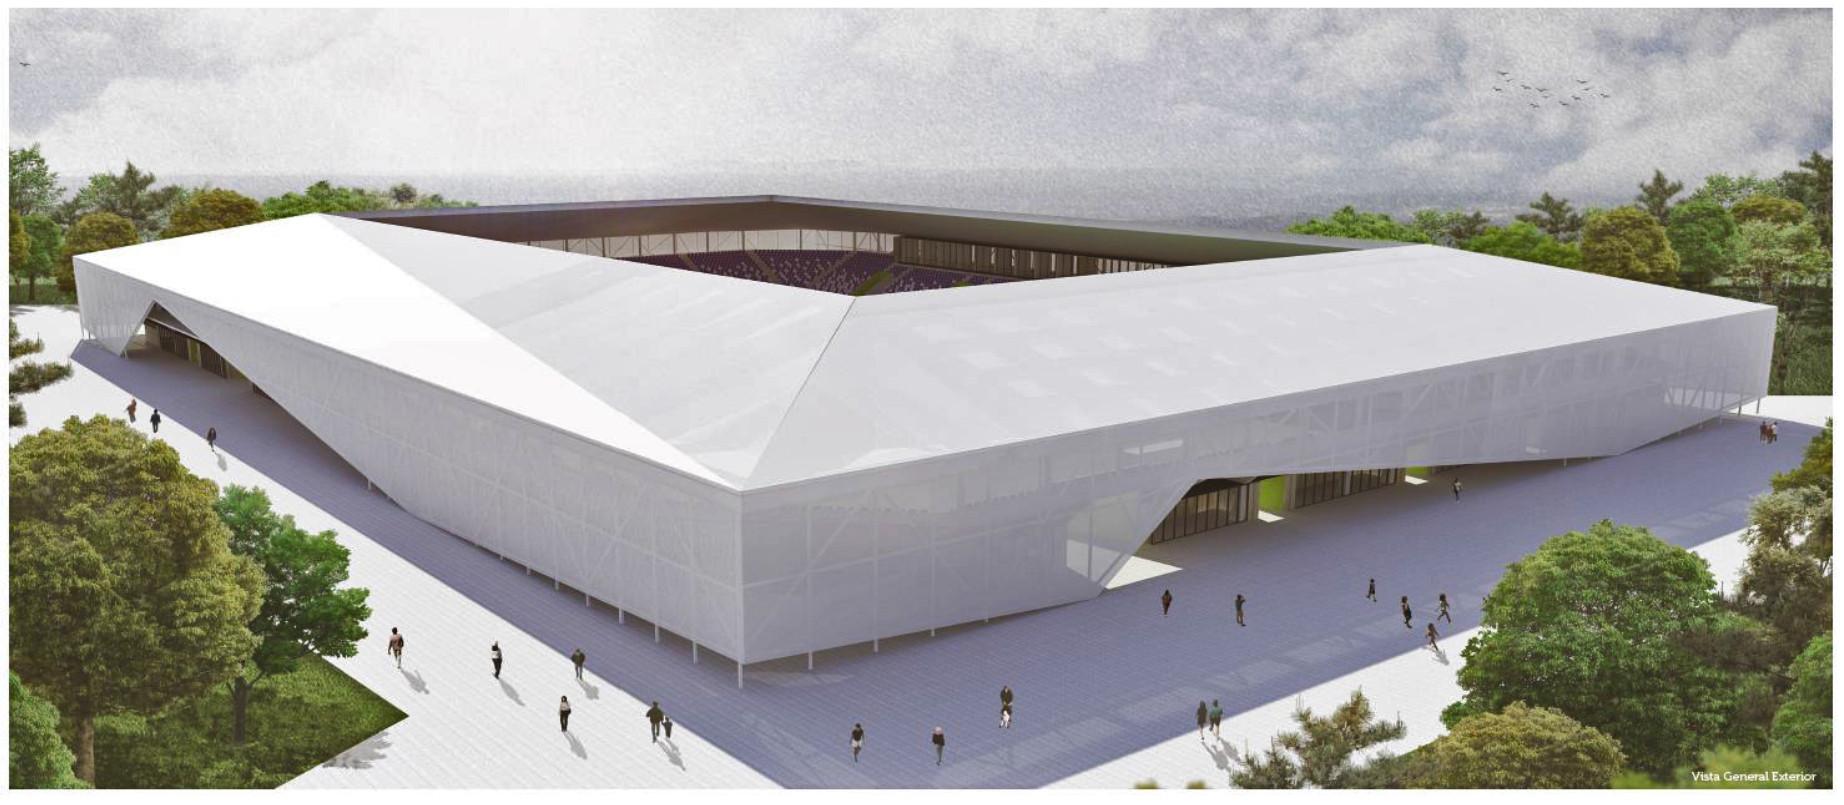 Chile presentan proyectos ganadores para dise ar nuevo for Arquitectura de proyectos